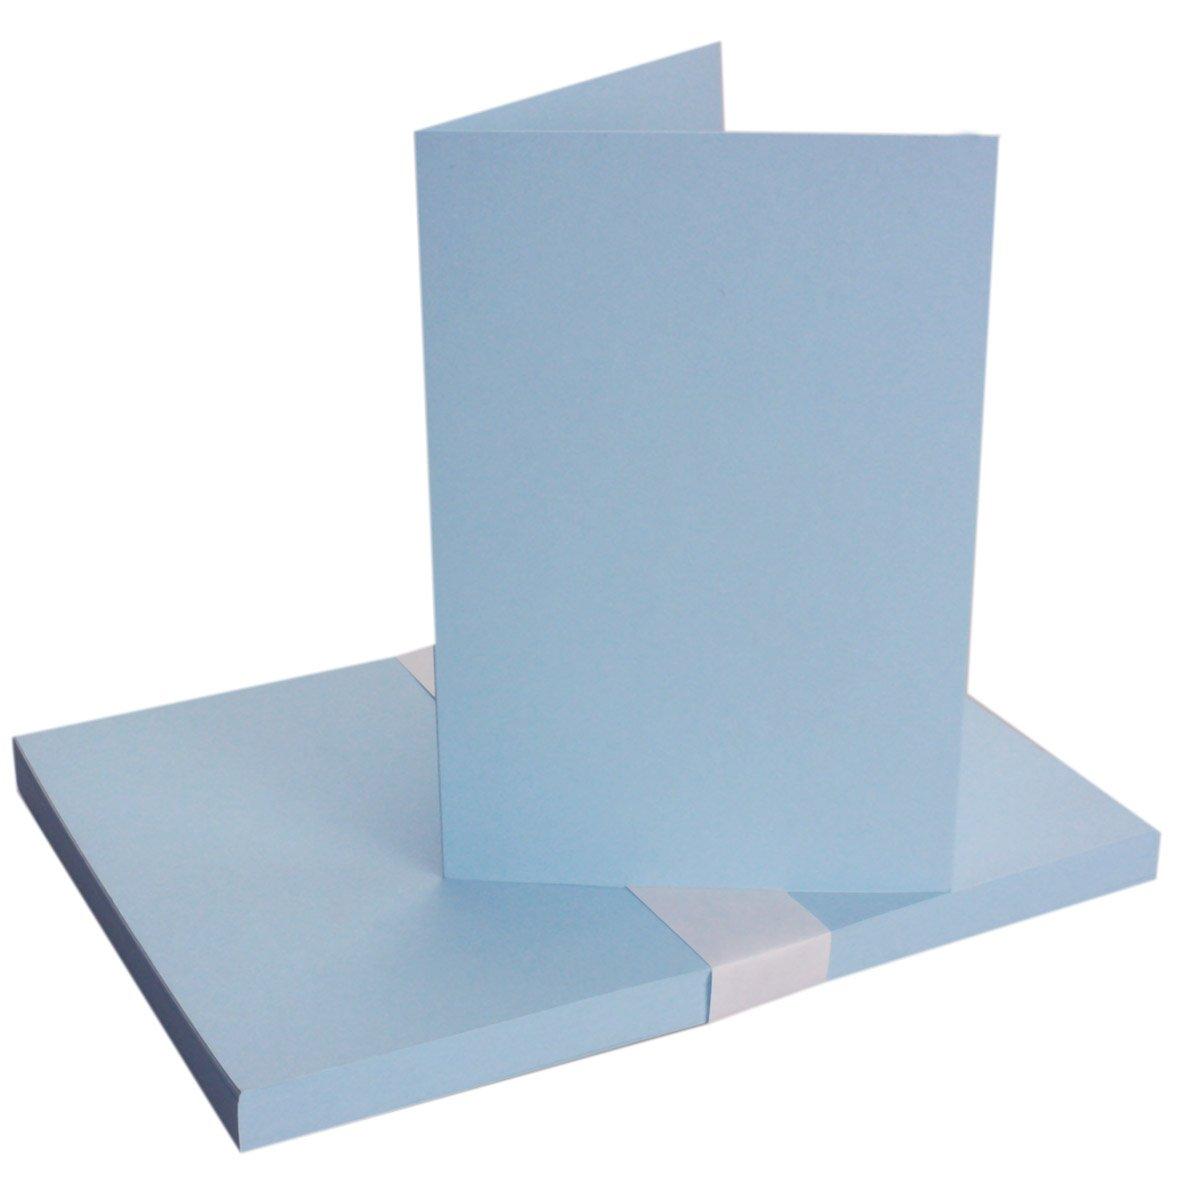 150 150 150 Sets - Faltkarten Hellgrau - DIN A5  Umschläge  Einlegeblätter DIN C5 - PREMIUM QUALITÄT - sehr formstabil - Qualitätsmarke  NEUSER FarbenFroh B07C2ZZMLF | Vogue  e9ad47